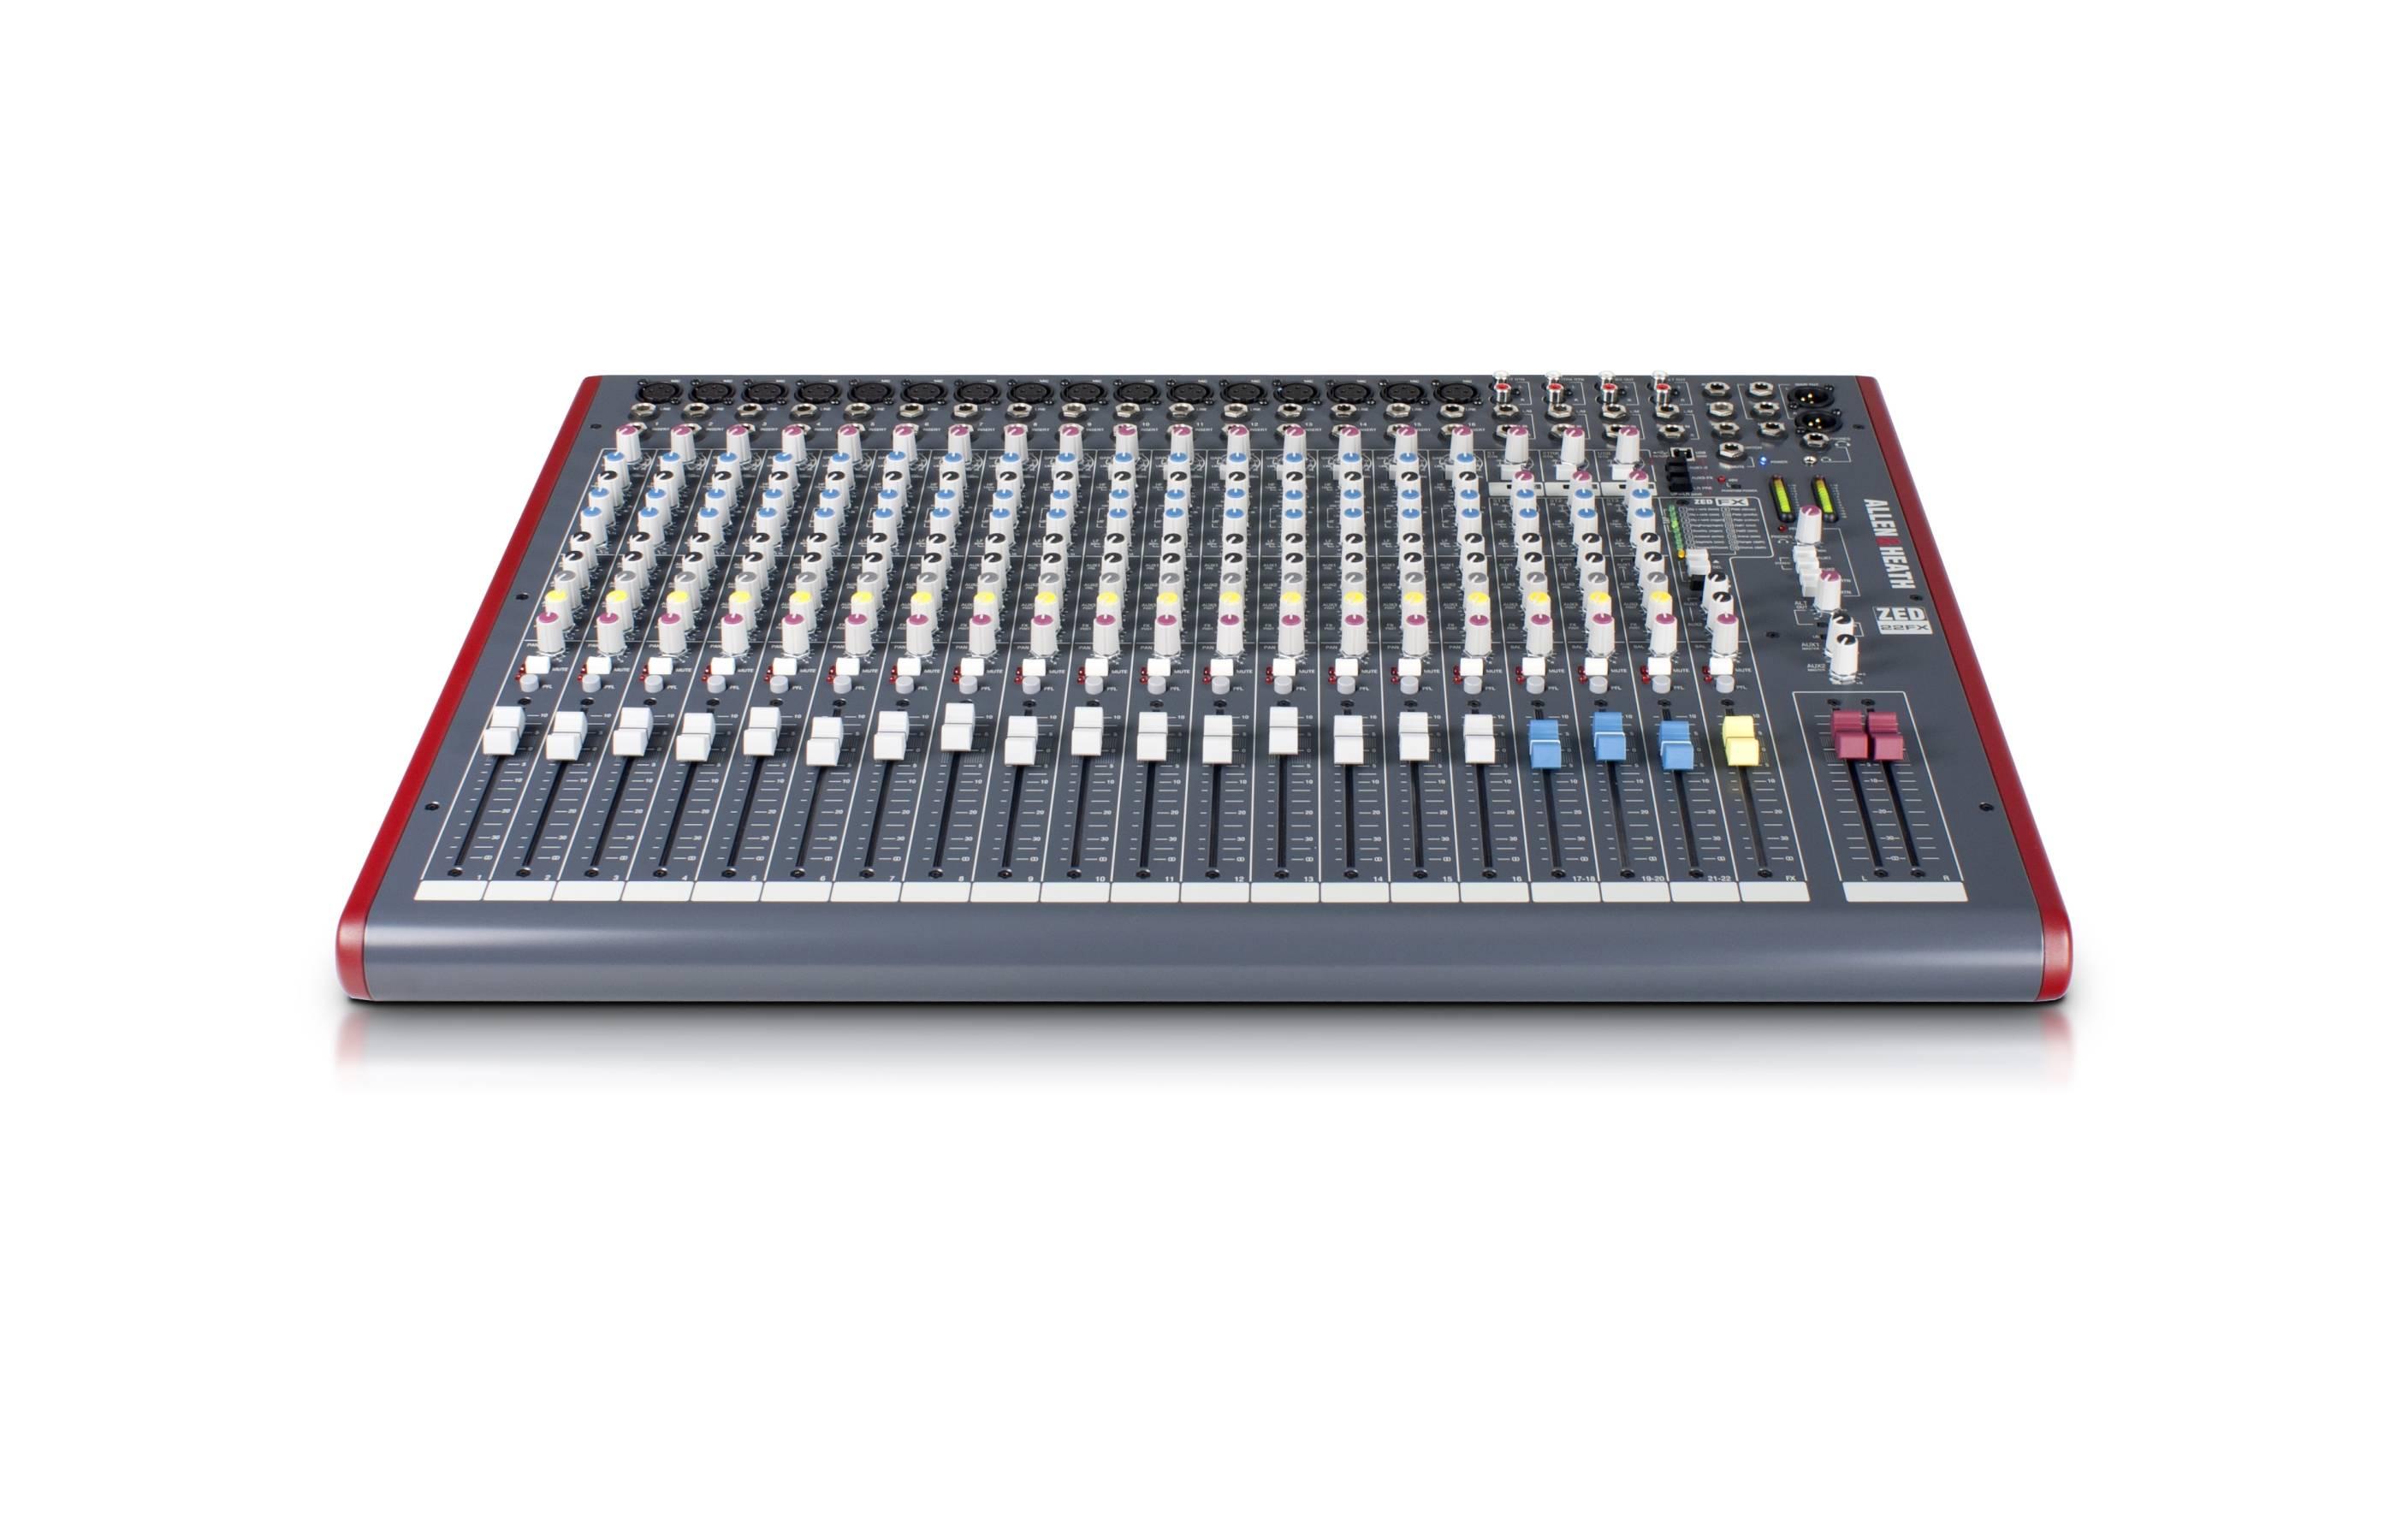 allen heath zed 22fx mixer 16 mono 3 stereo usb og dsp. Black Bedroom Furniture Sets. Home Design Ideas